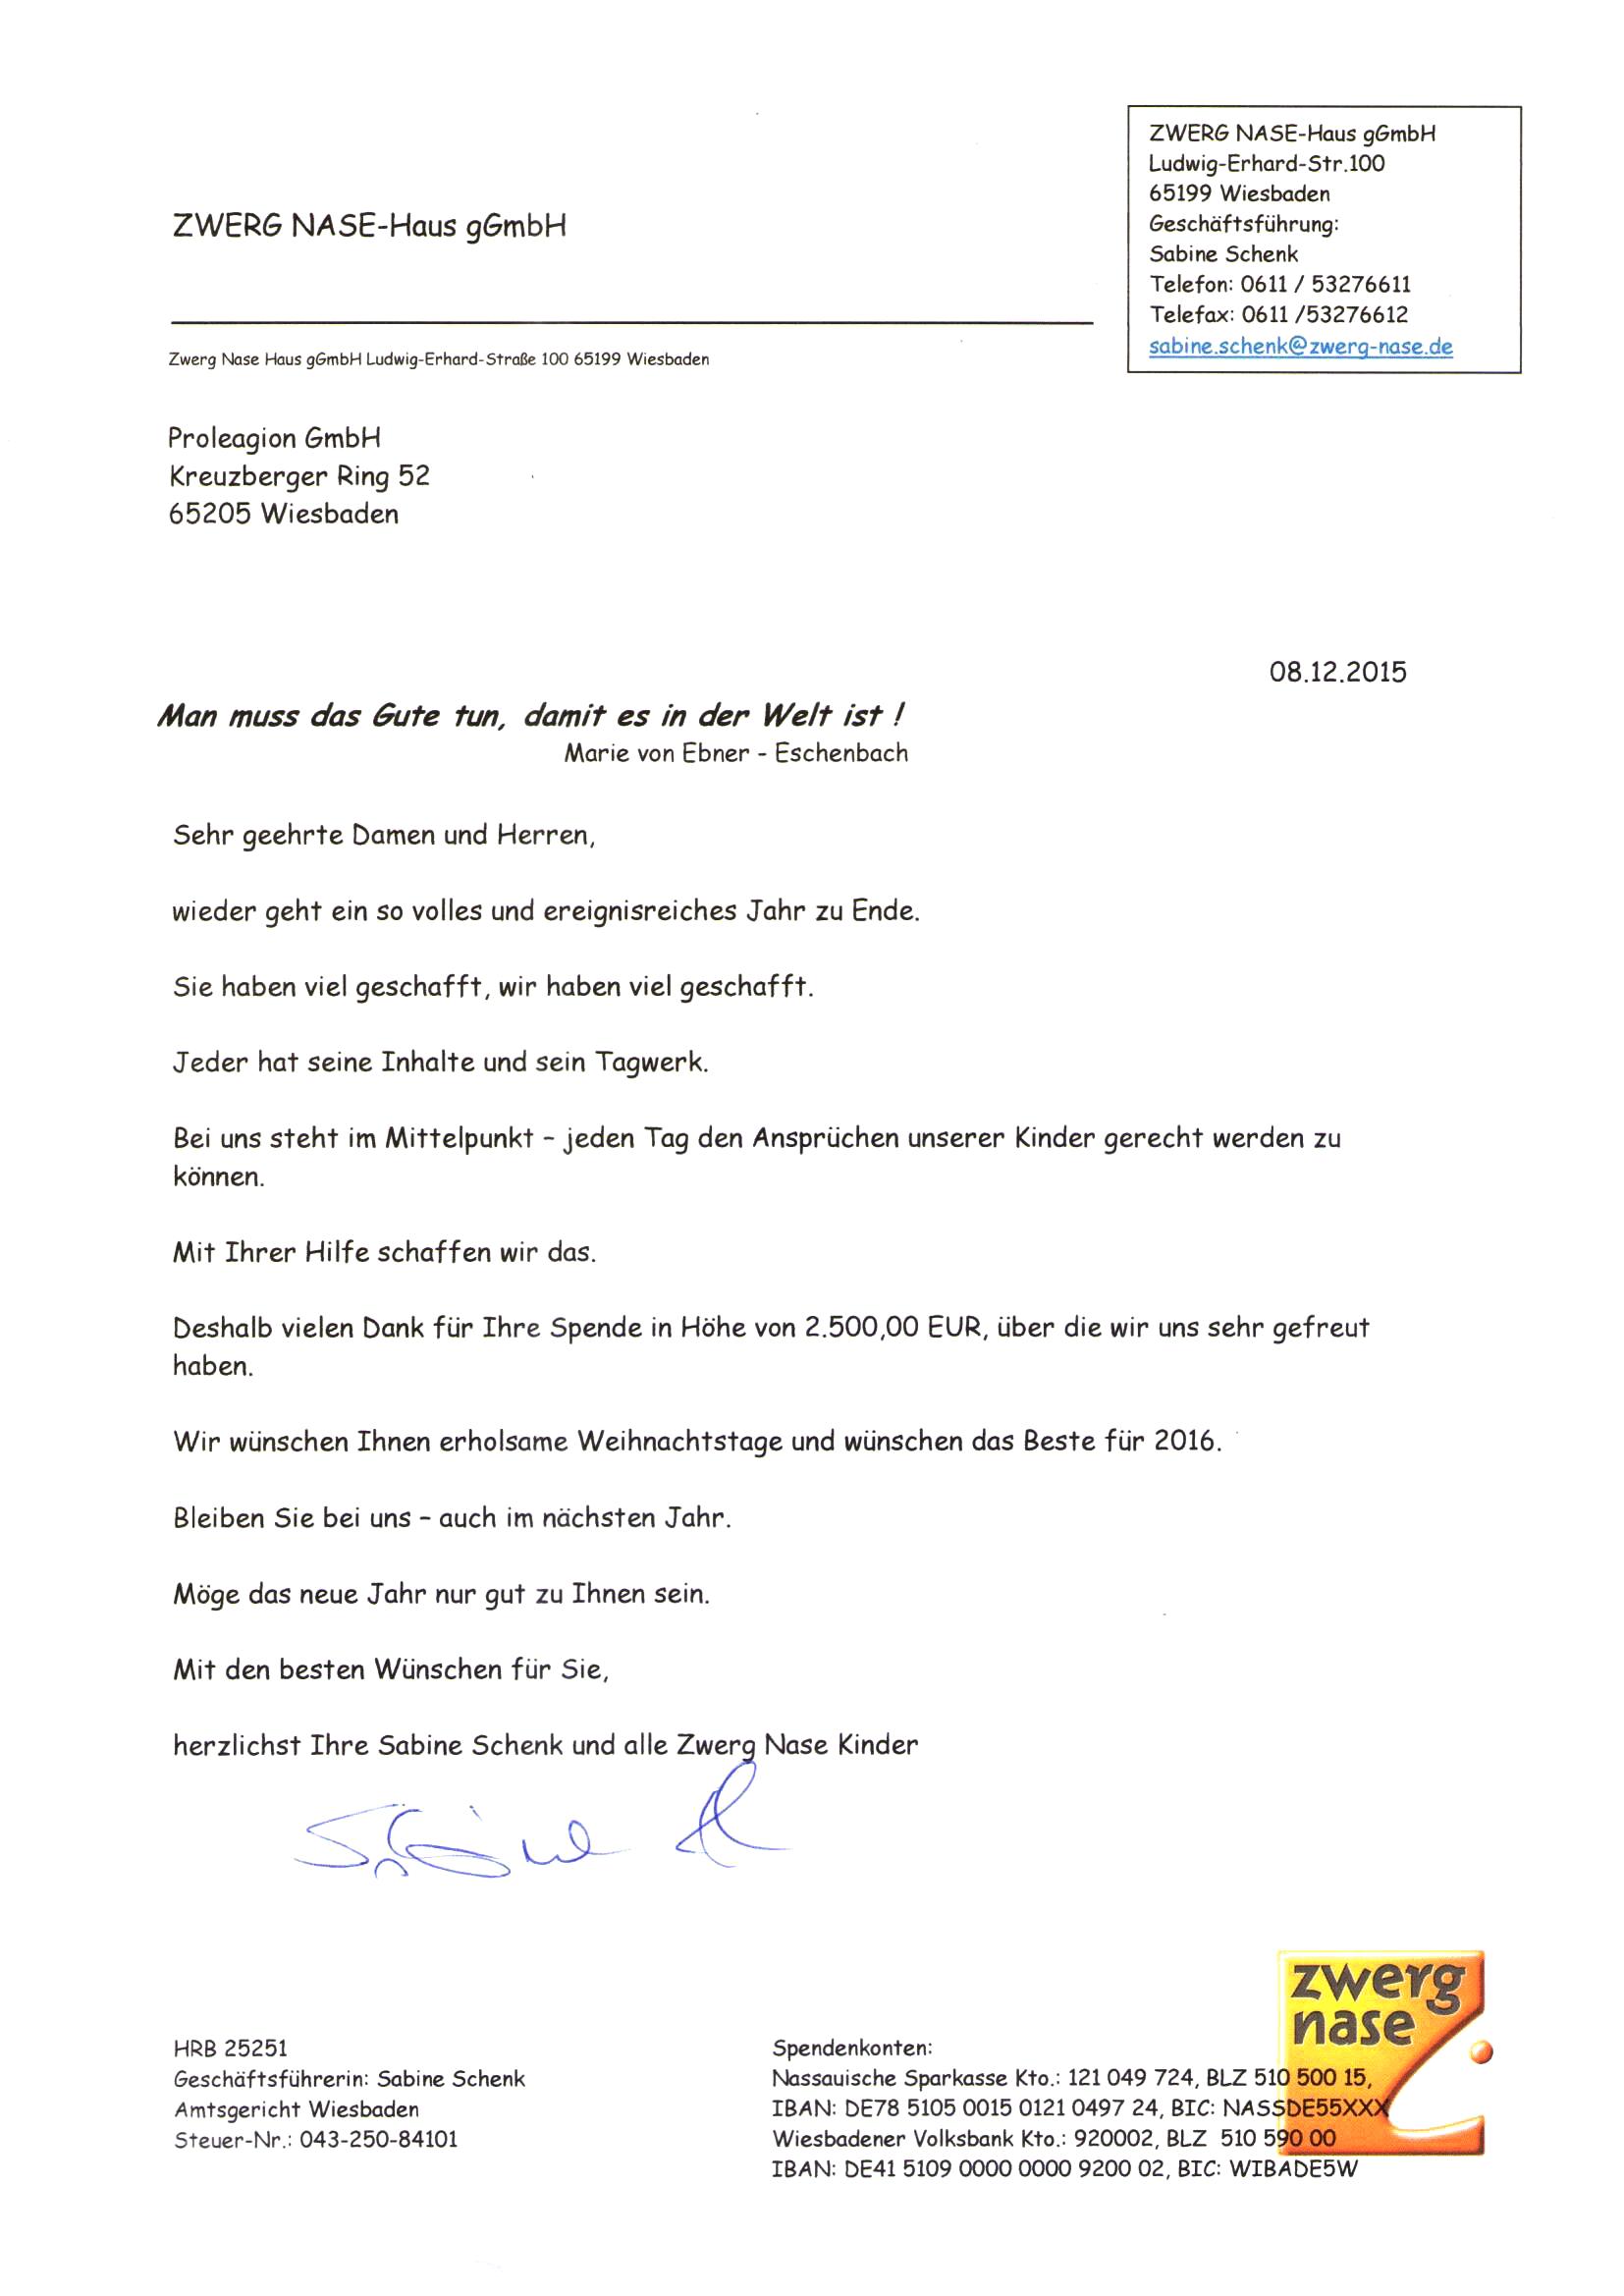 ZWERG NASE-Haus Wiesbaden - PROLEAGION GmbH